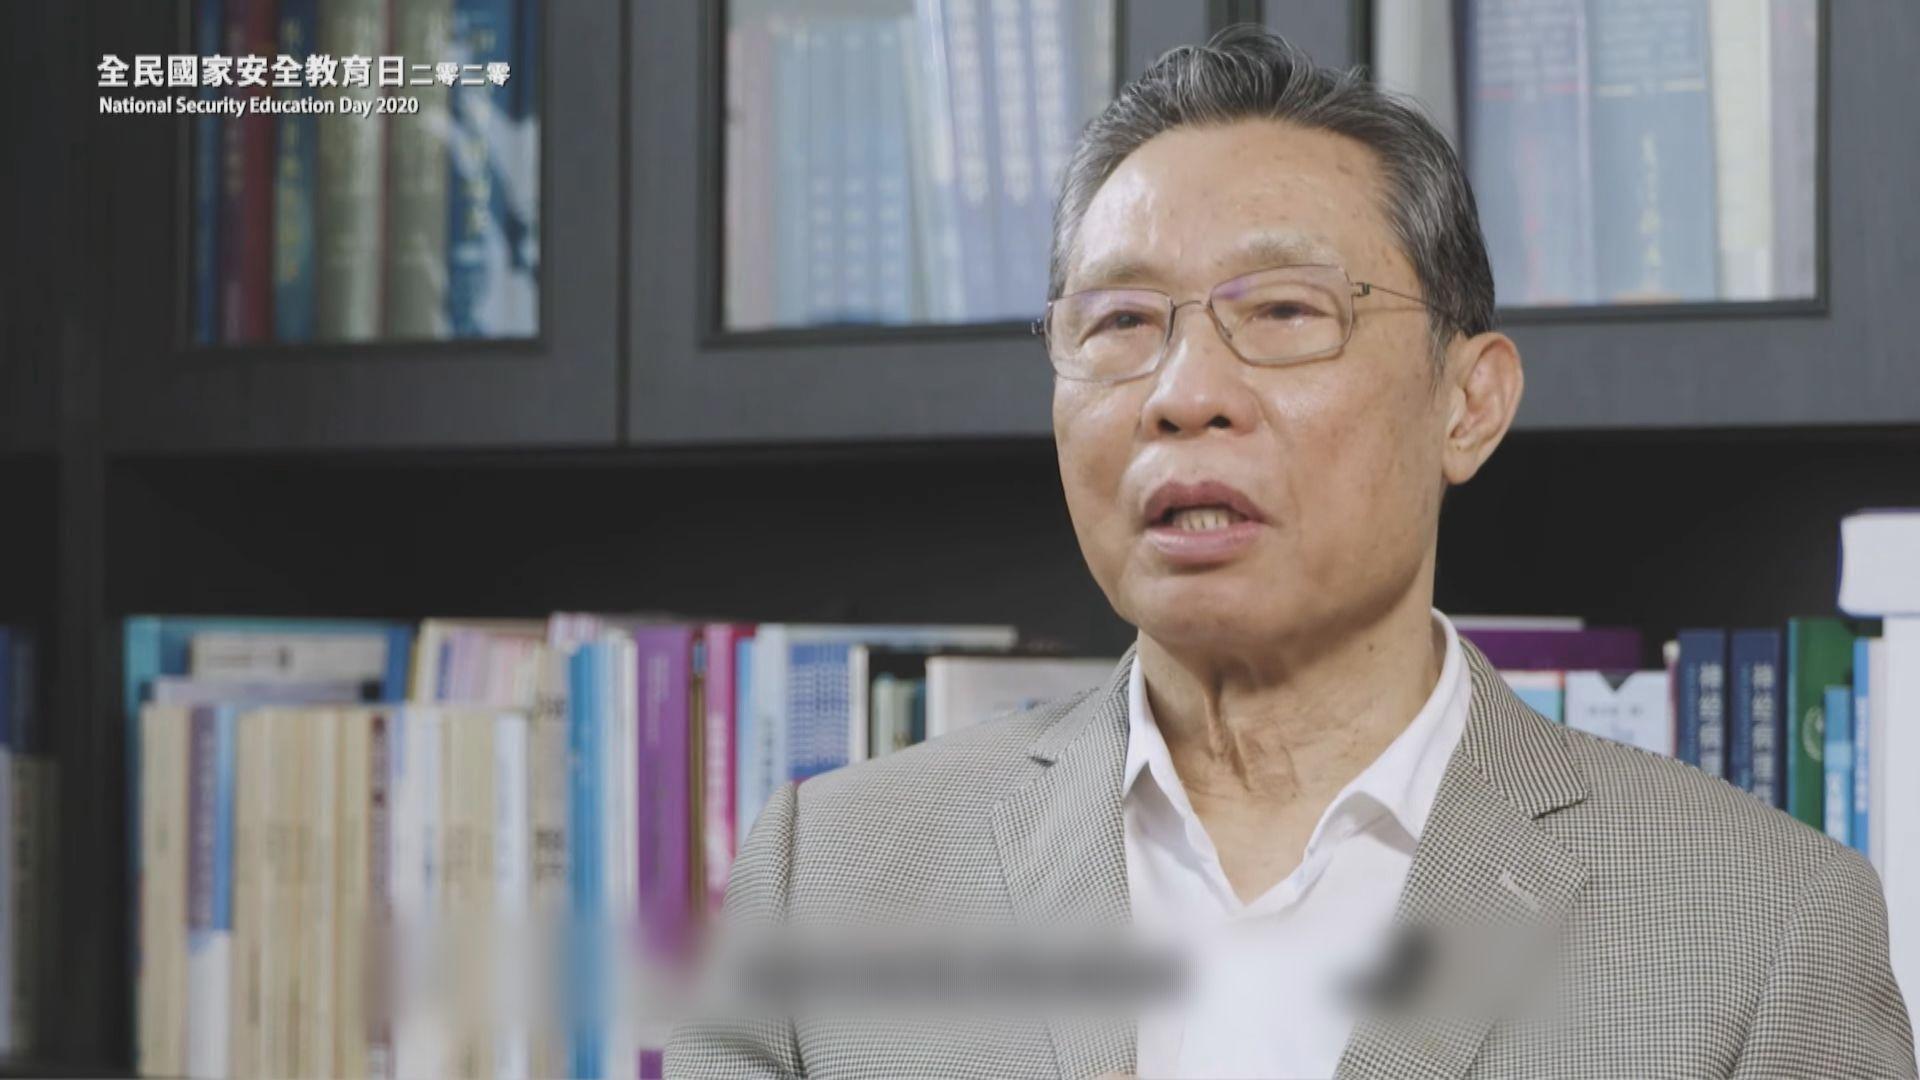 鍾南山:香港防疫工作相當不俗但不能鬆懈